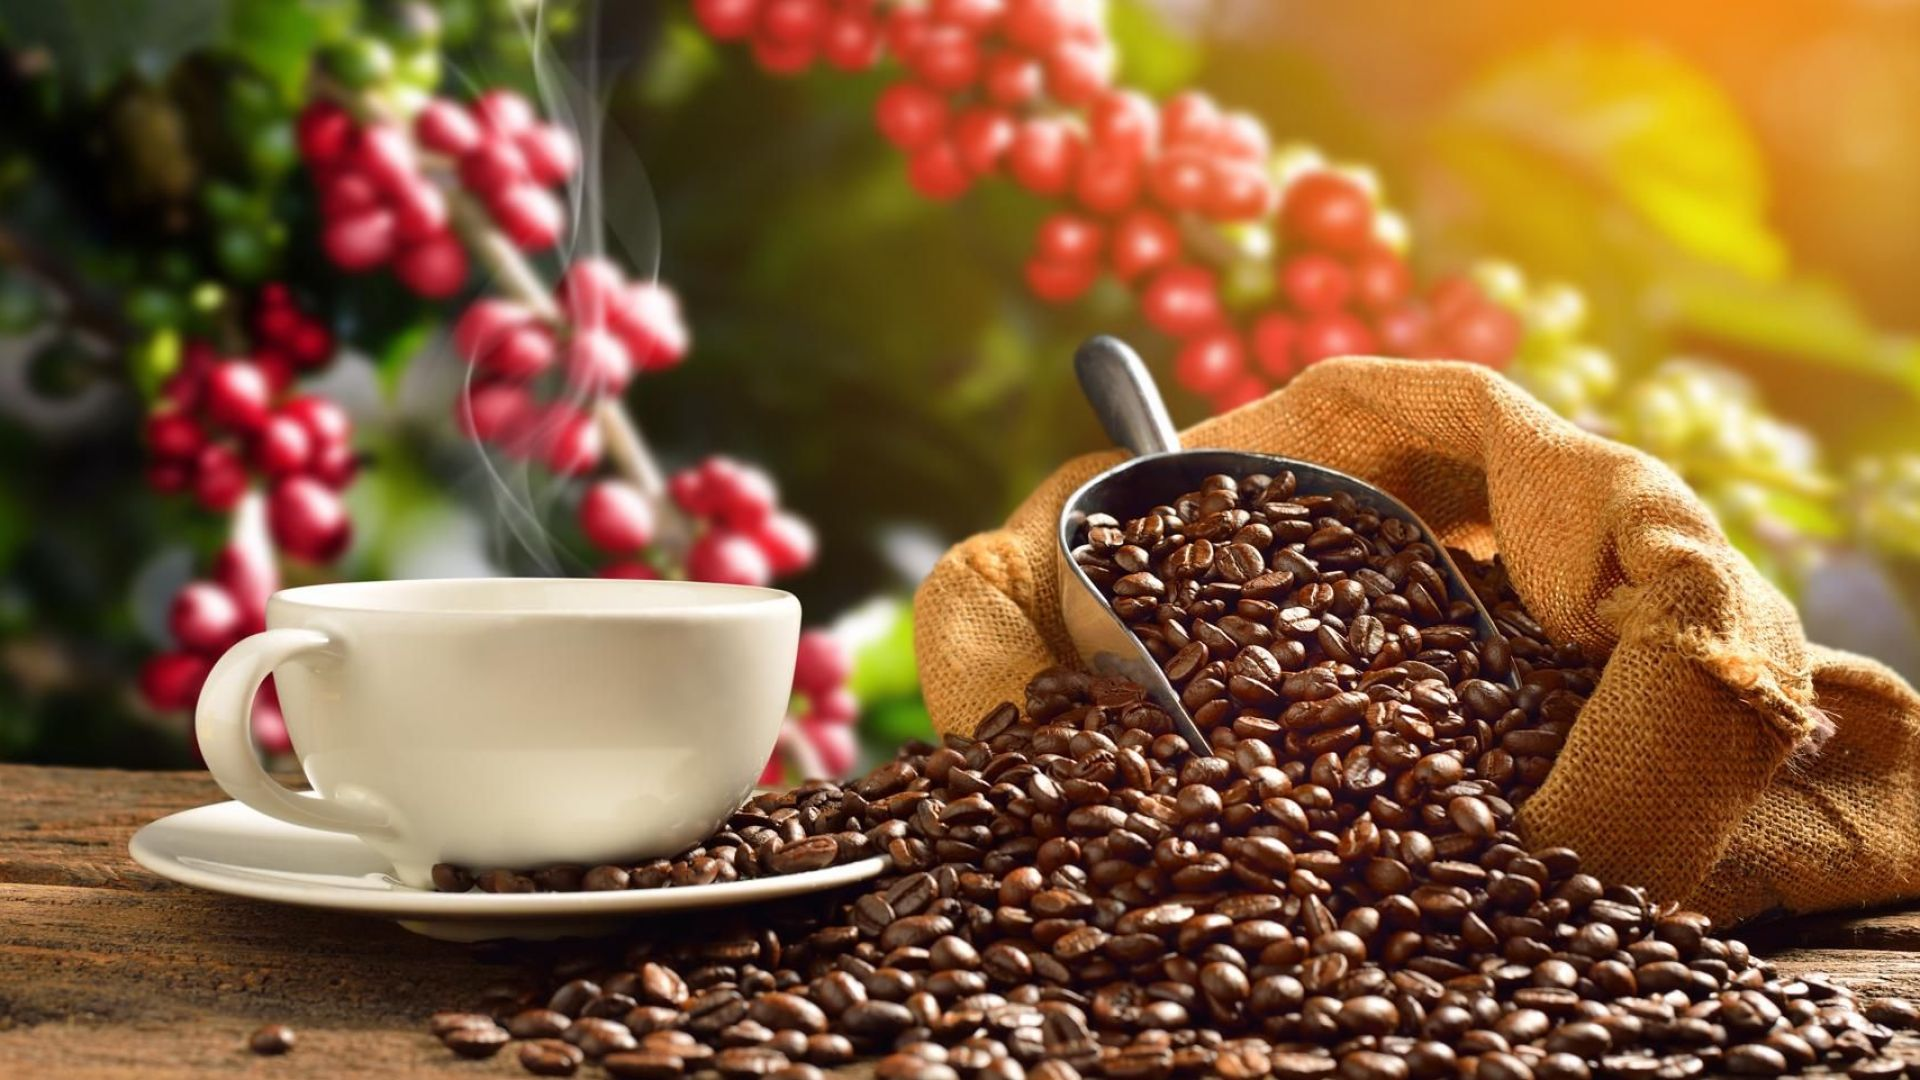 Производителите на кафе очакват загуби или как се прибира реколта в условия на пандемия